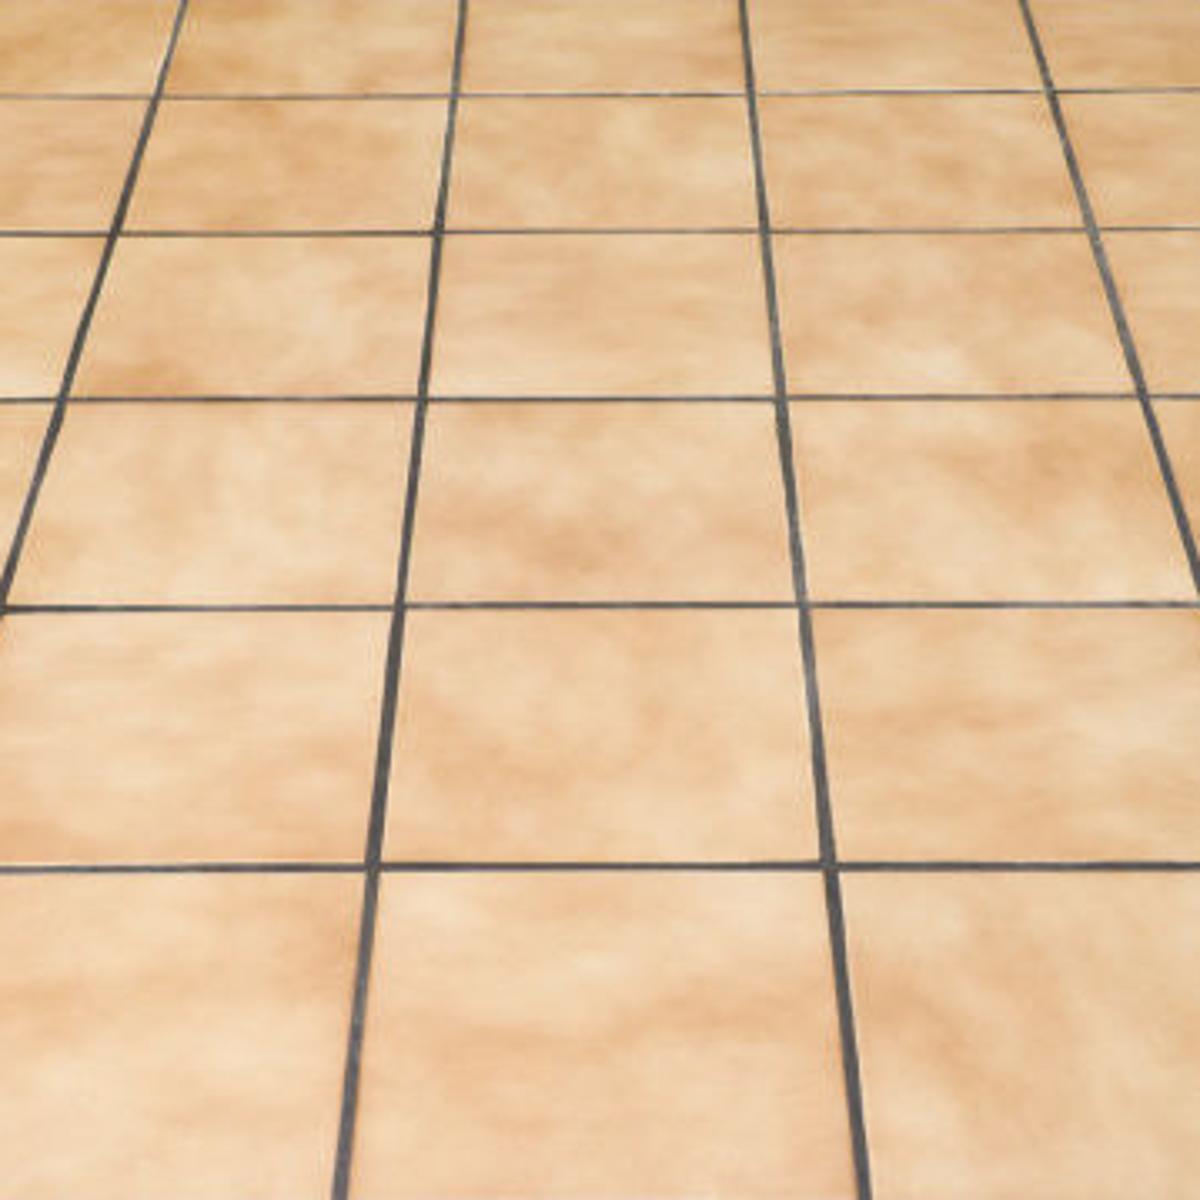 Putting Flooring Over Ceramic Tile